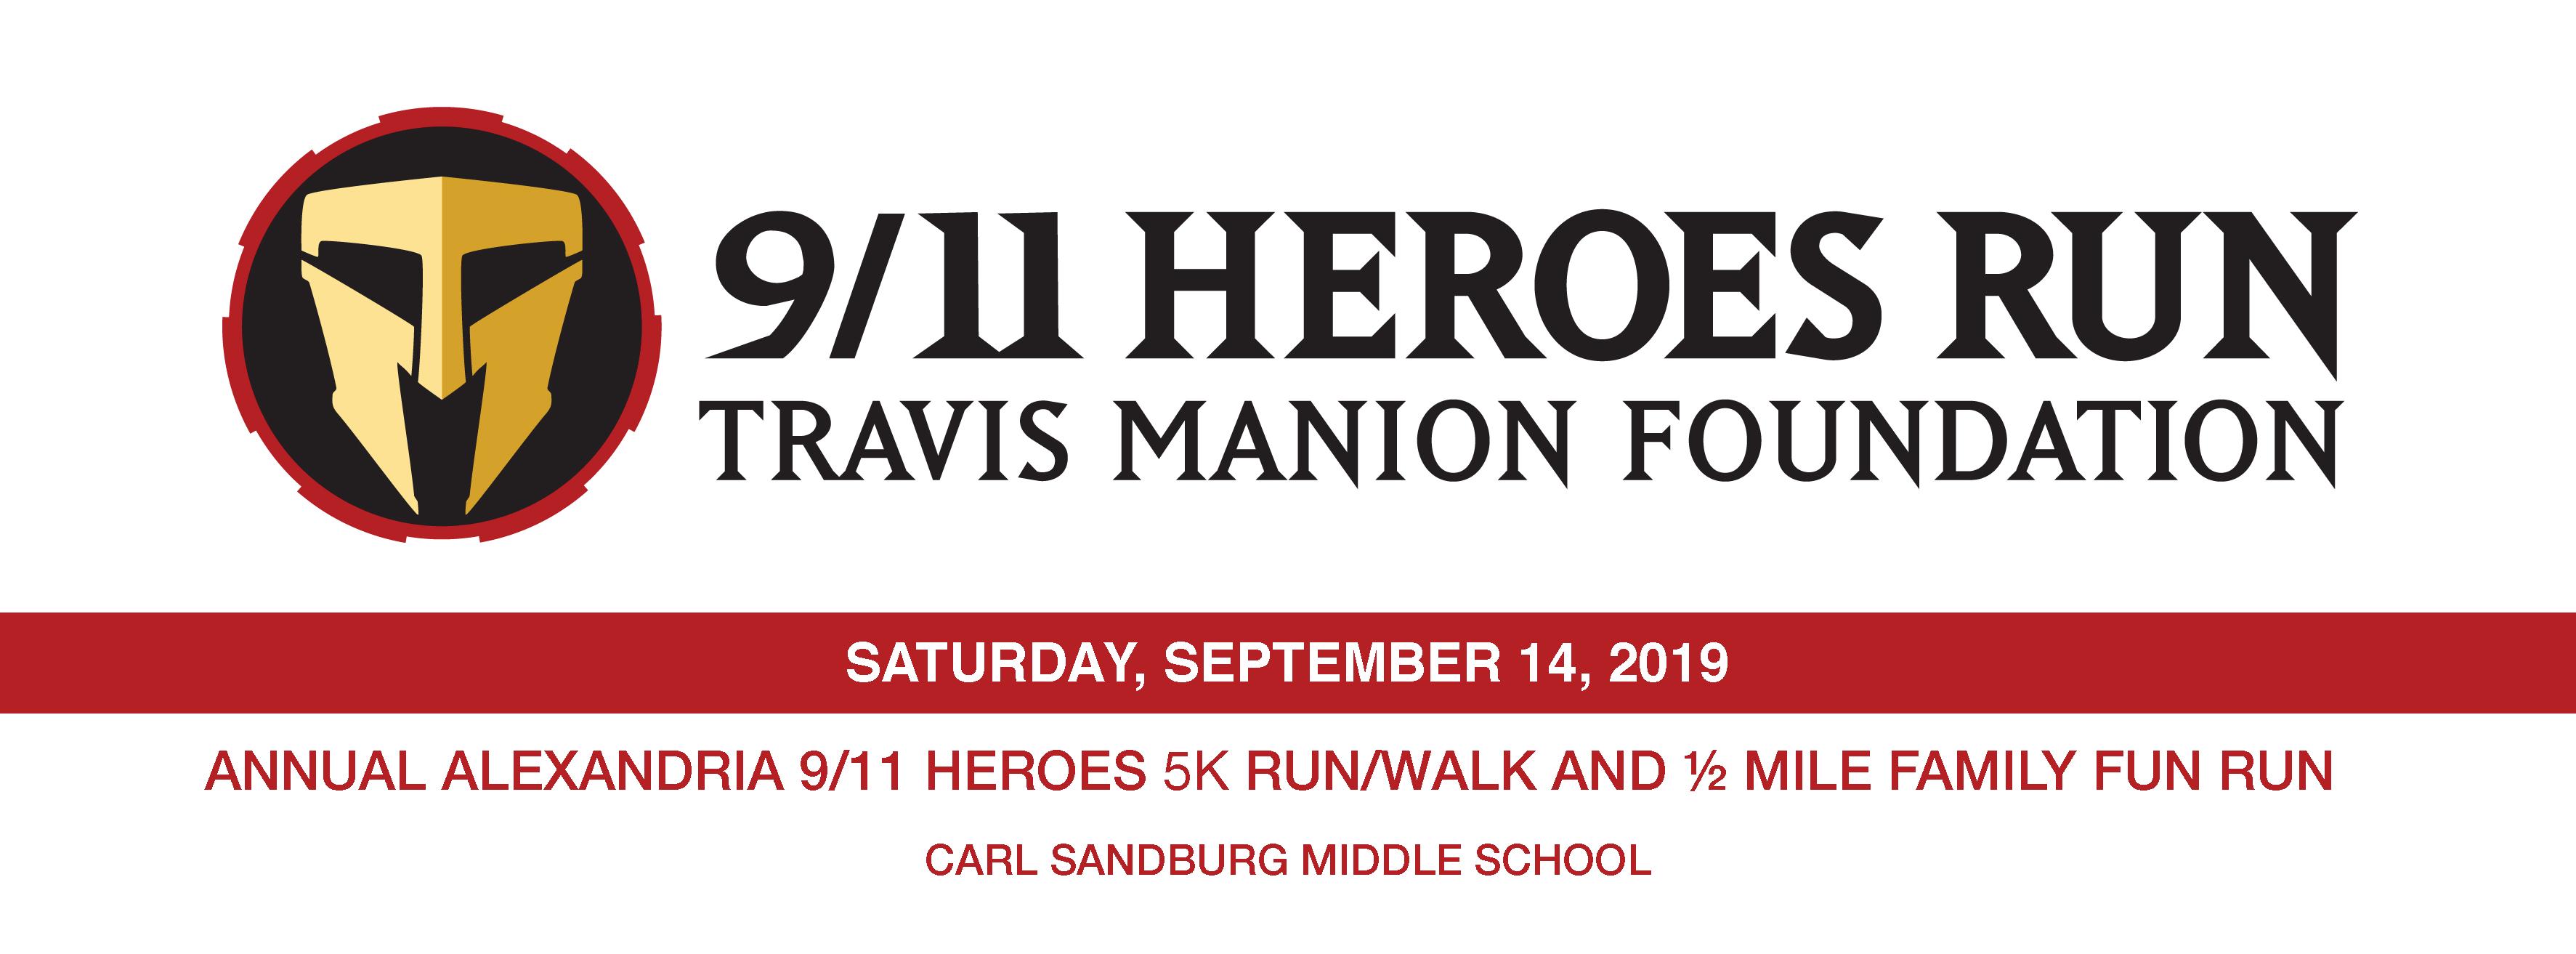 9-11 Heroes Run - Alexandria VA